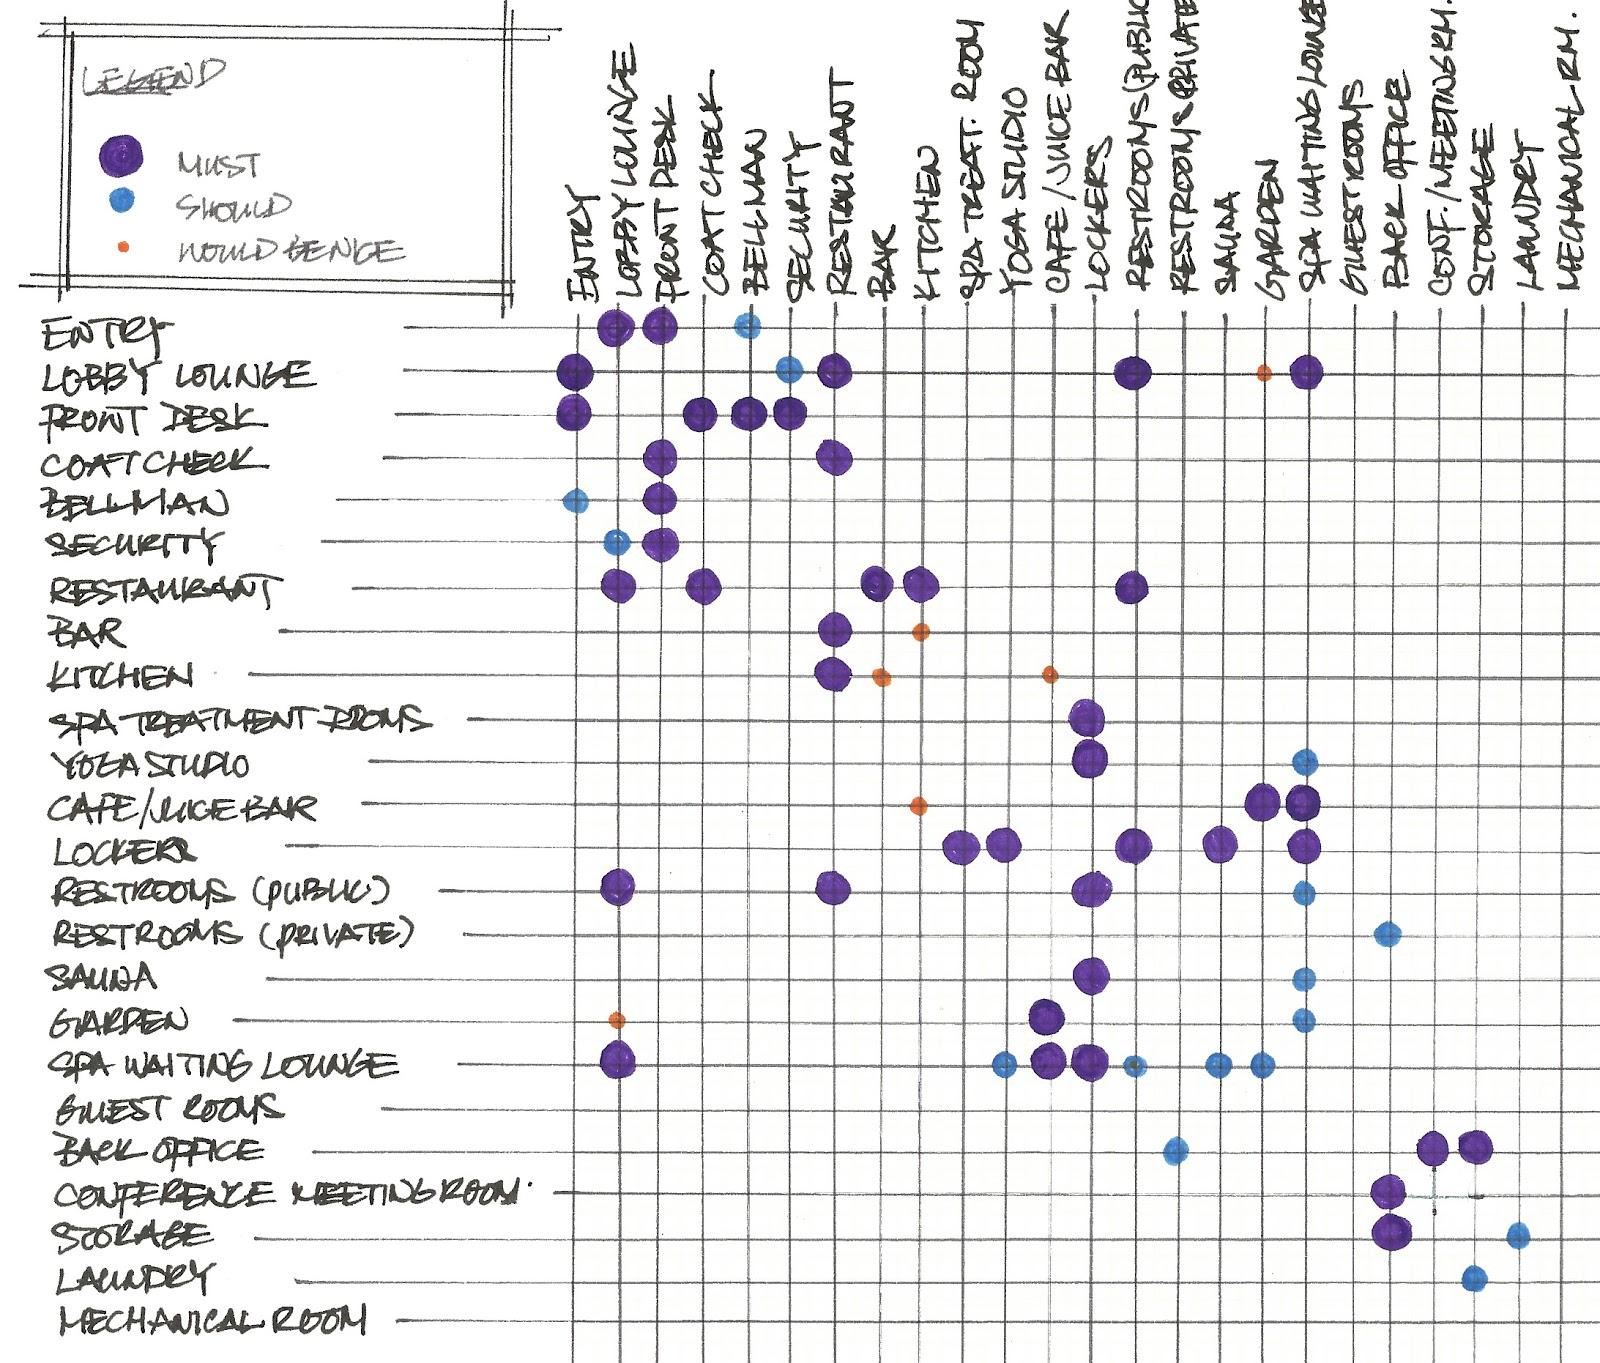 Criteria Matrix Matrix Adjacency Bubble Diagram L Ko